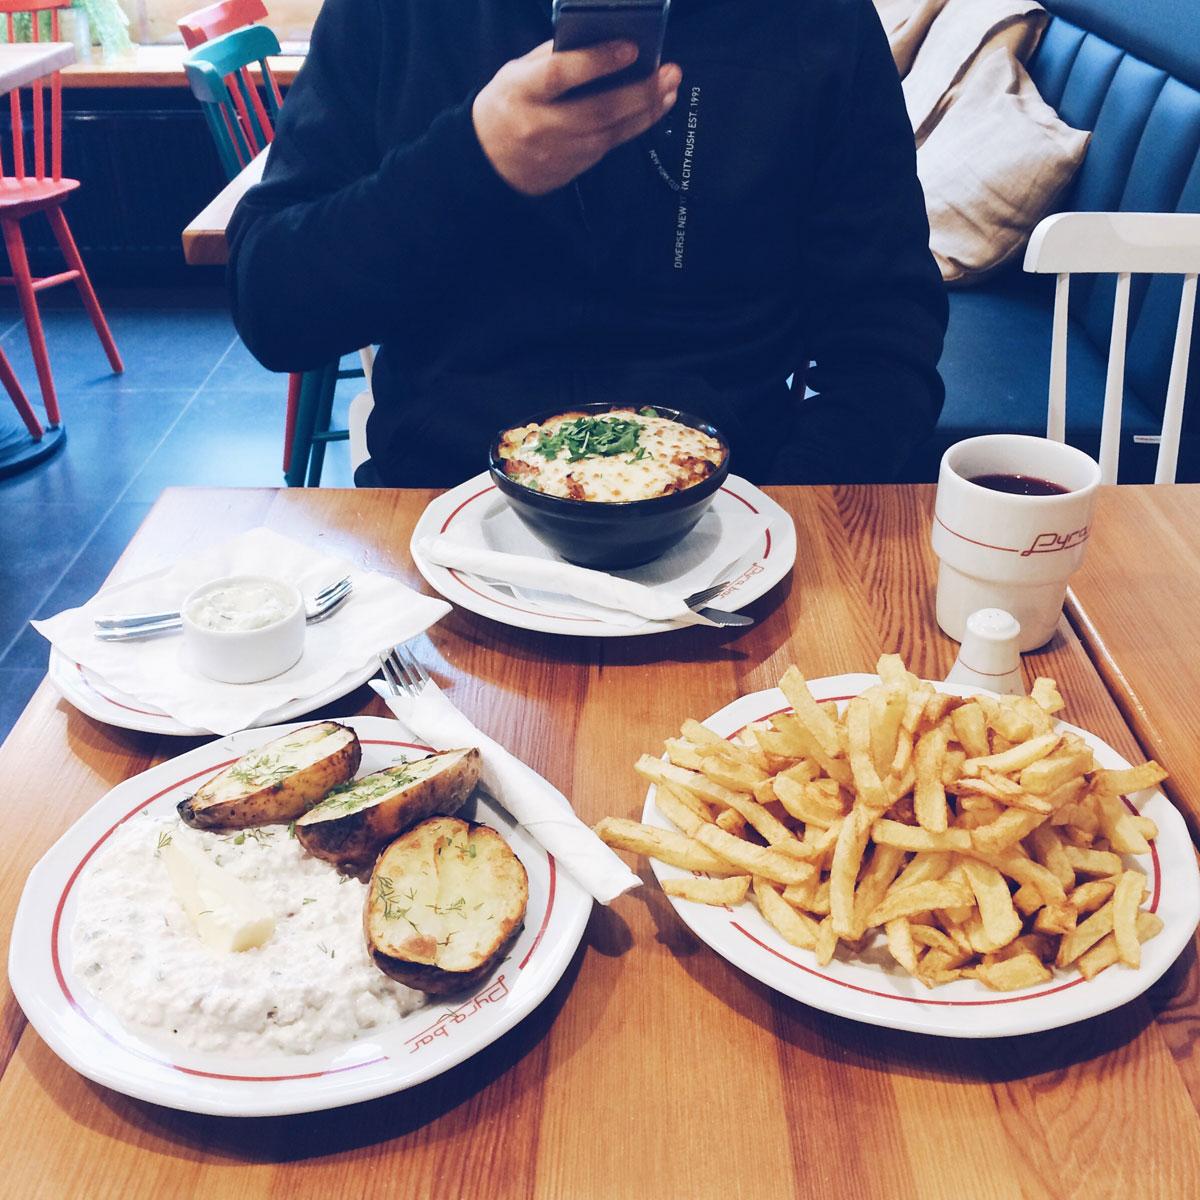 Pyra Bar Gdynia dania główne - pyra z bzikiem i pomielone gary oraz frytki jako przystawka.